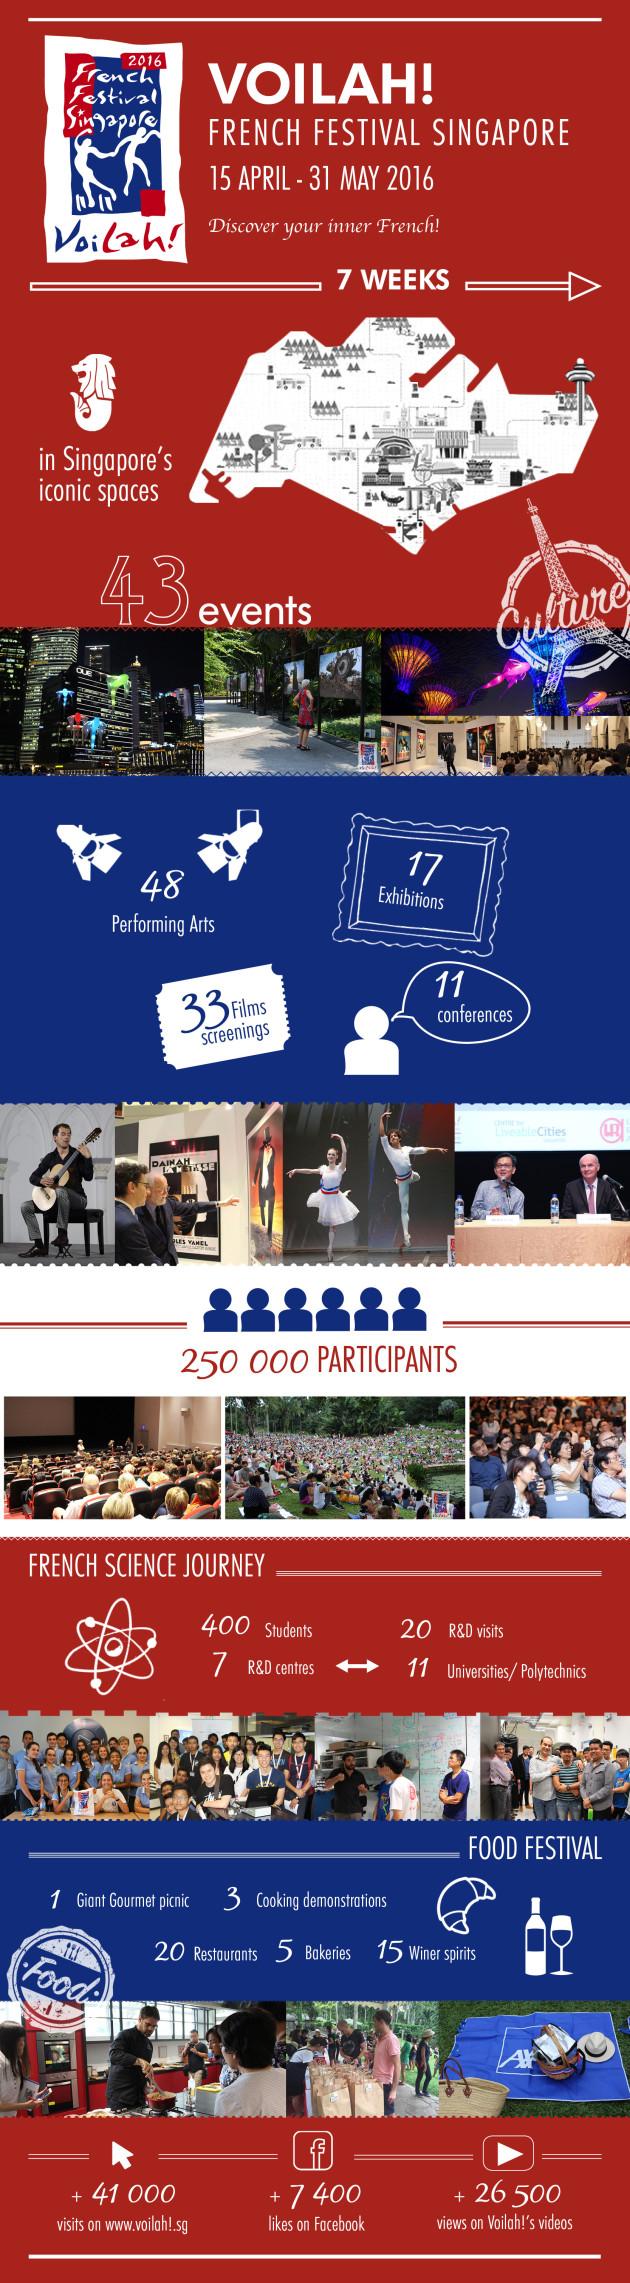 Succ s du festival voilah 2016 la france singapour for Chambre de commerce francaise singapore